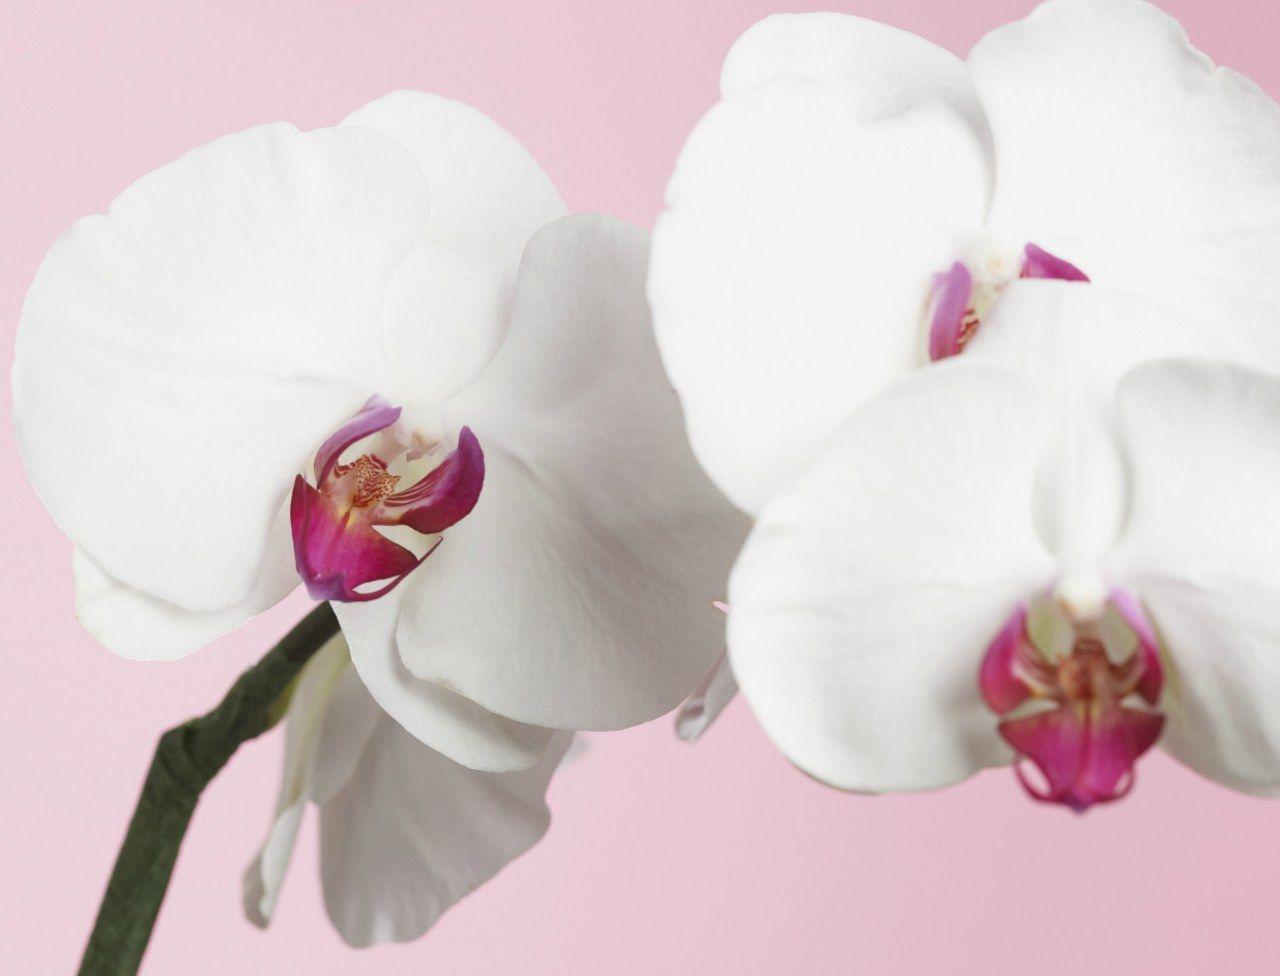 comment faire refleurir une orchid e jardin orchids. Black Bedroom Furniture Sets. Home Design Ideas